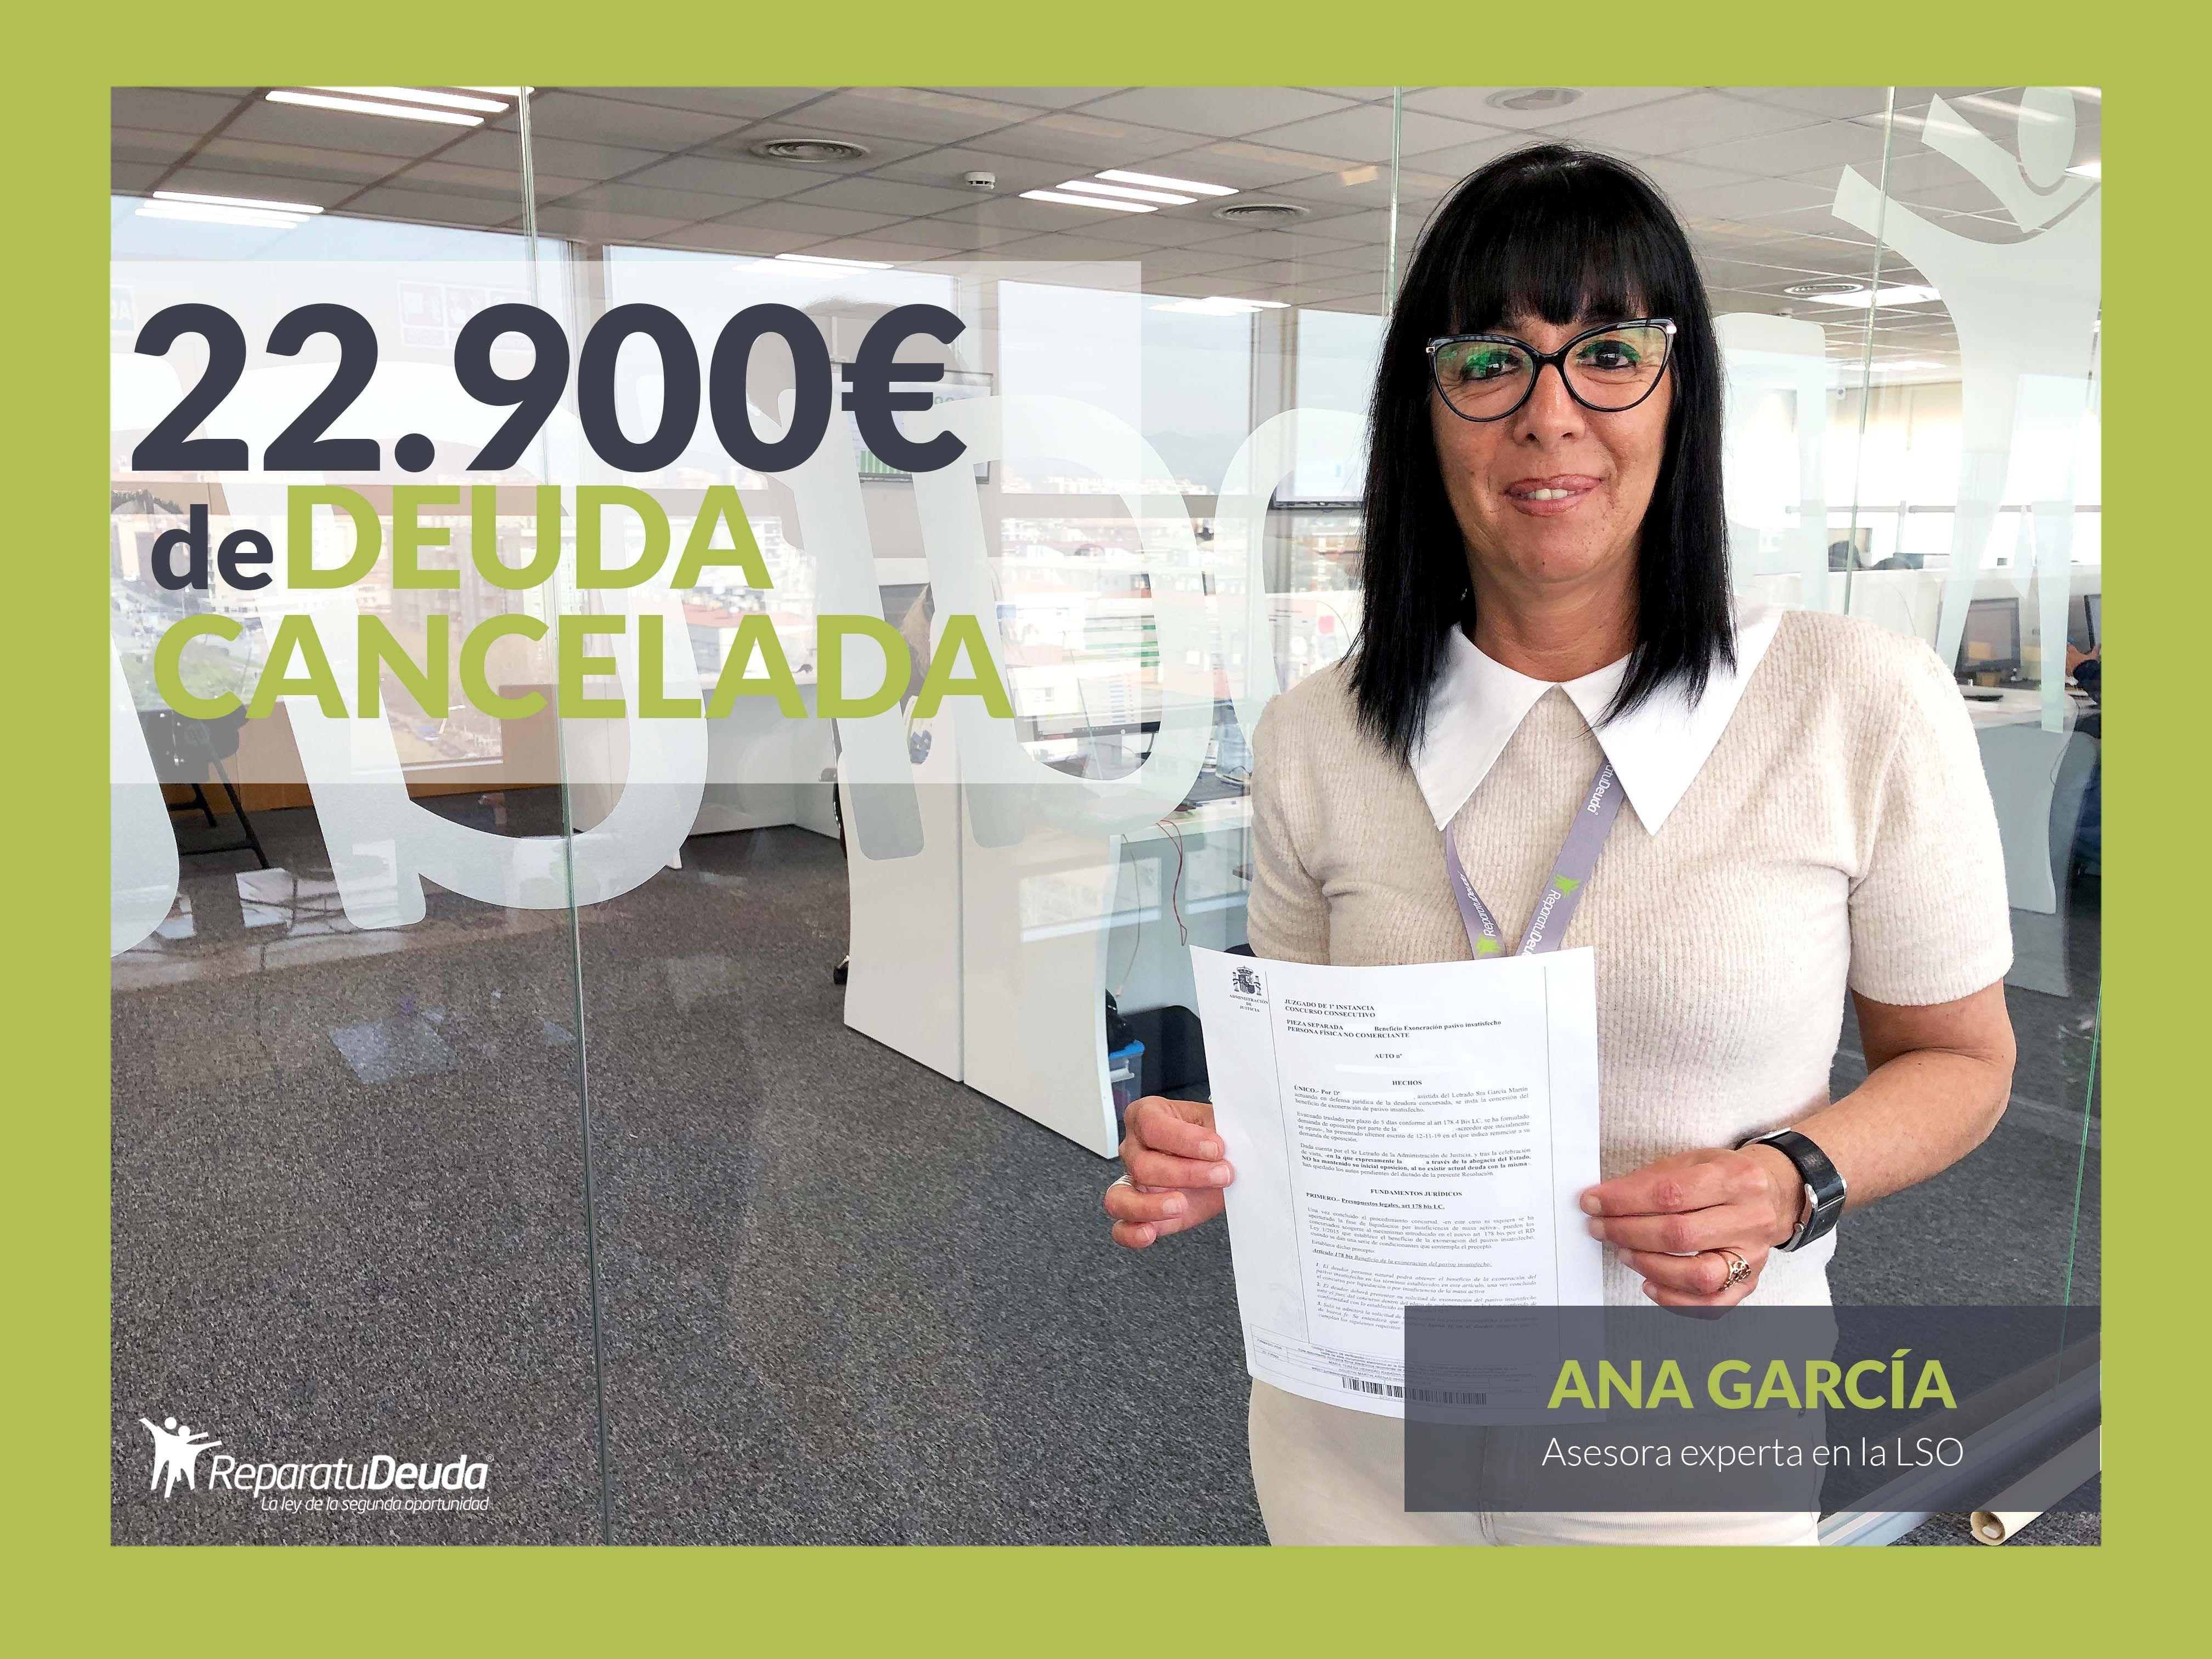 Repara tu Deuda cancela 22.900 ? en Albacete (Castilla la mancha) con la Ley de Segunda Oportunidad